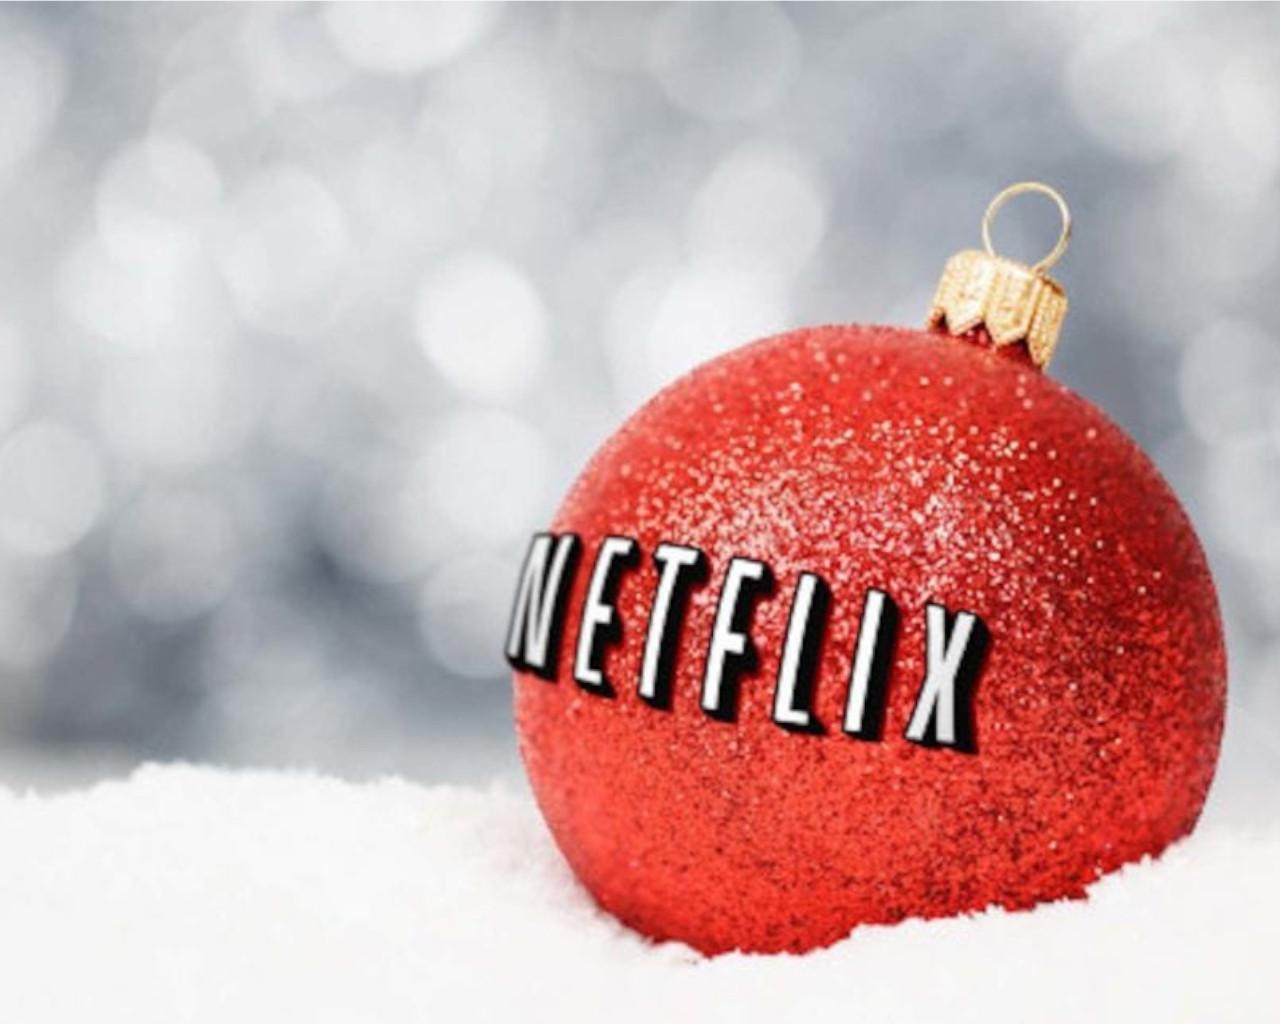 netflix ταινιες,netflix ταινιεσ καλυτερεσ,netflix καλυτερεσ ταινιεσ 2020